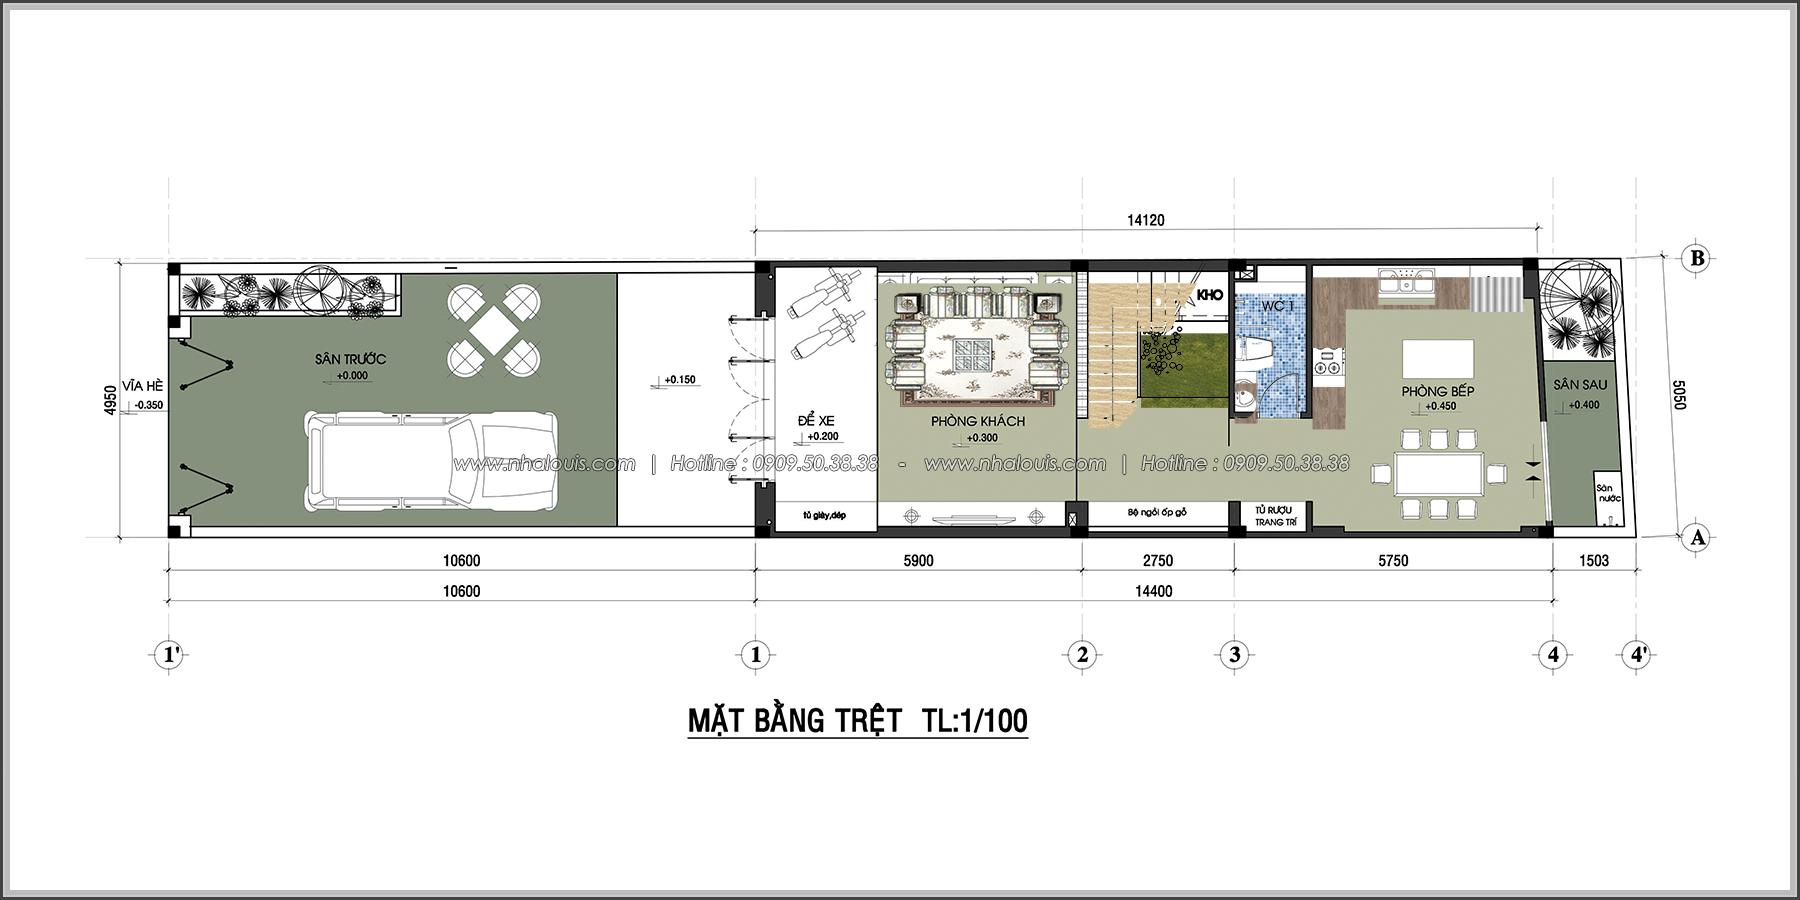 Thiết kế nhà 3 tầng mặt tiền 5m ở Quận 12 đẹp hiện đại và sang trọng - 04